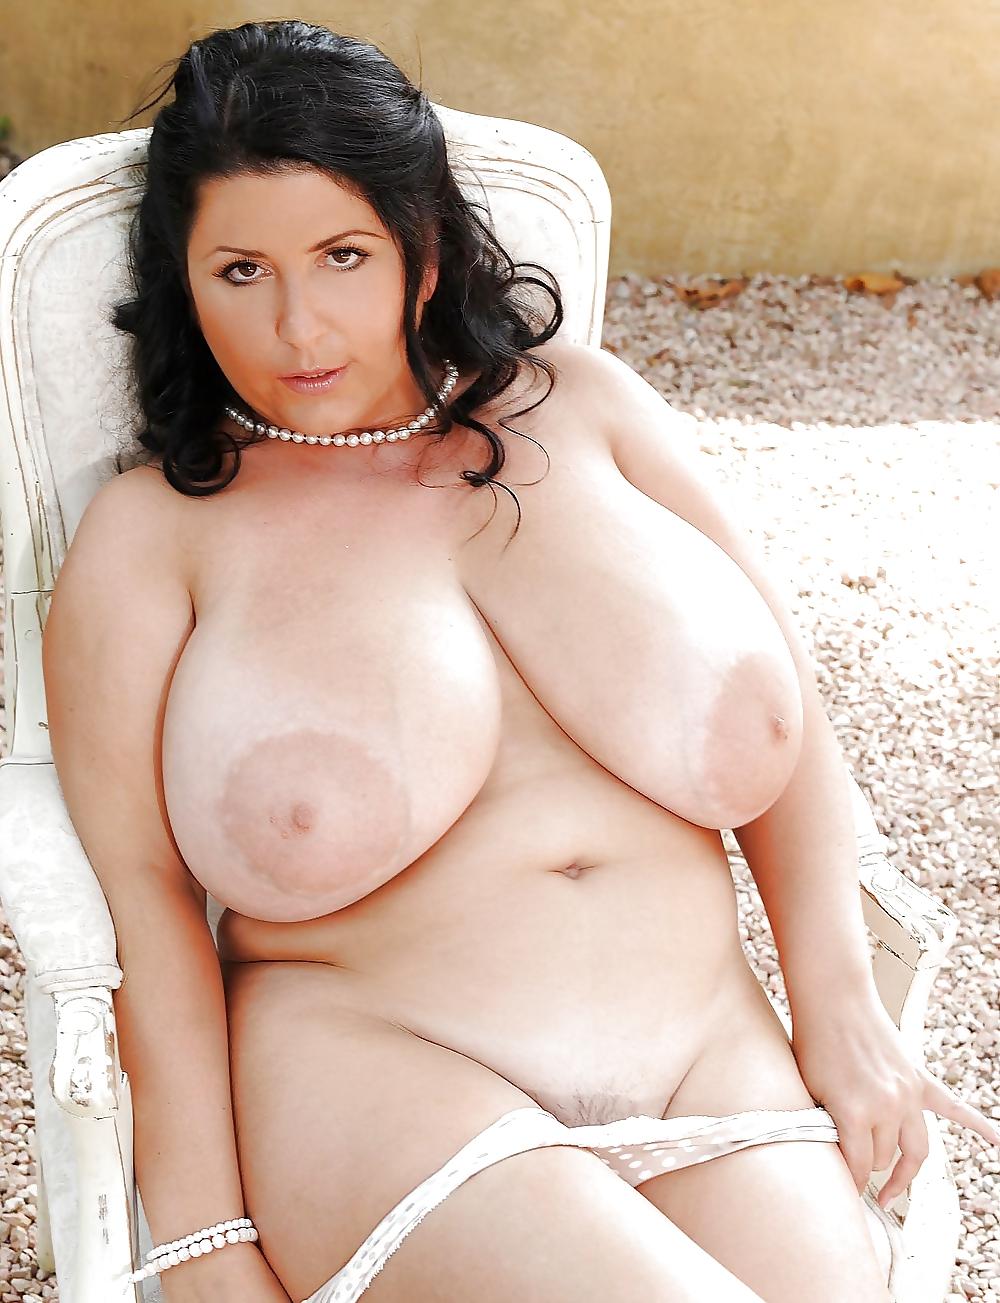 Amateur Bbw Big Boob Young Teens 1 - 30 Pics  Xhamster-2548